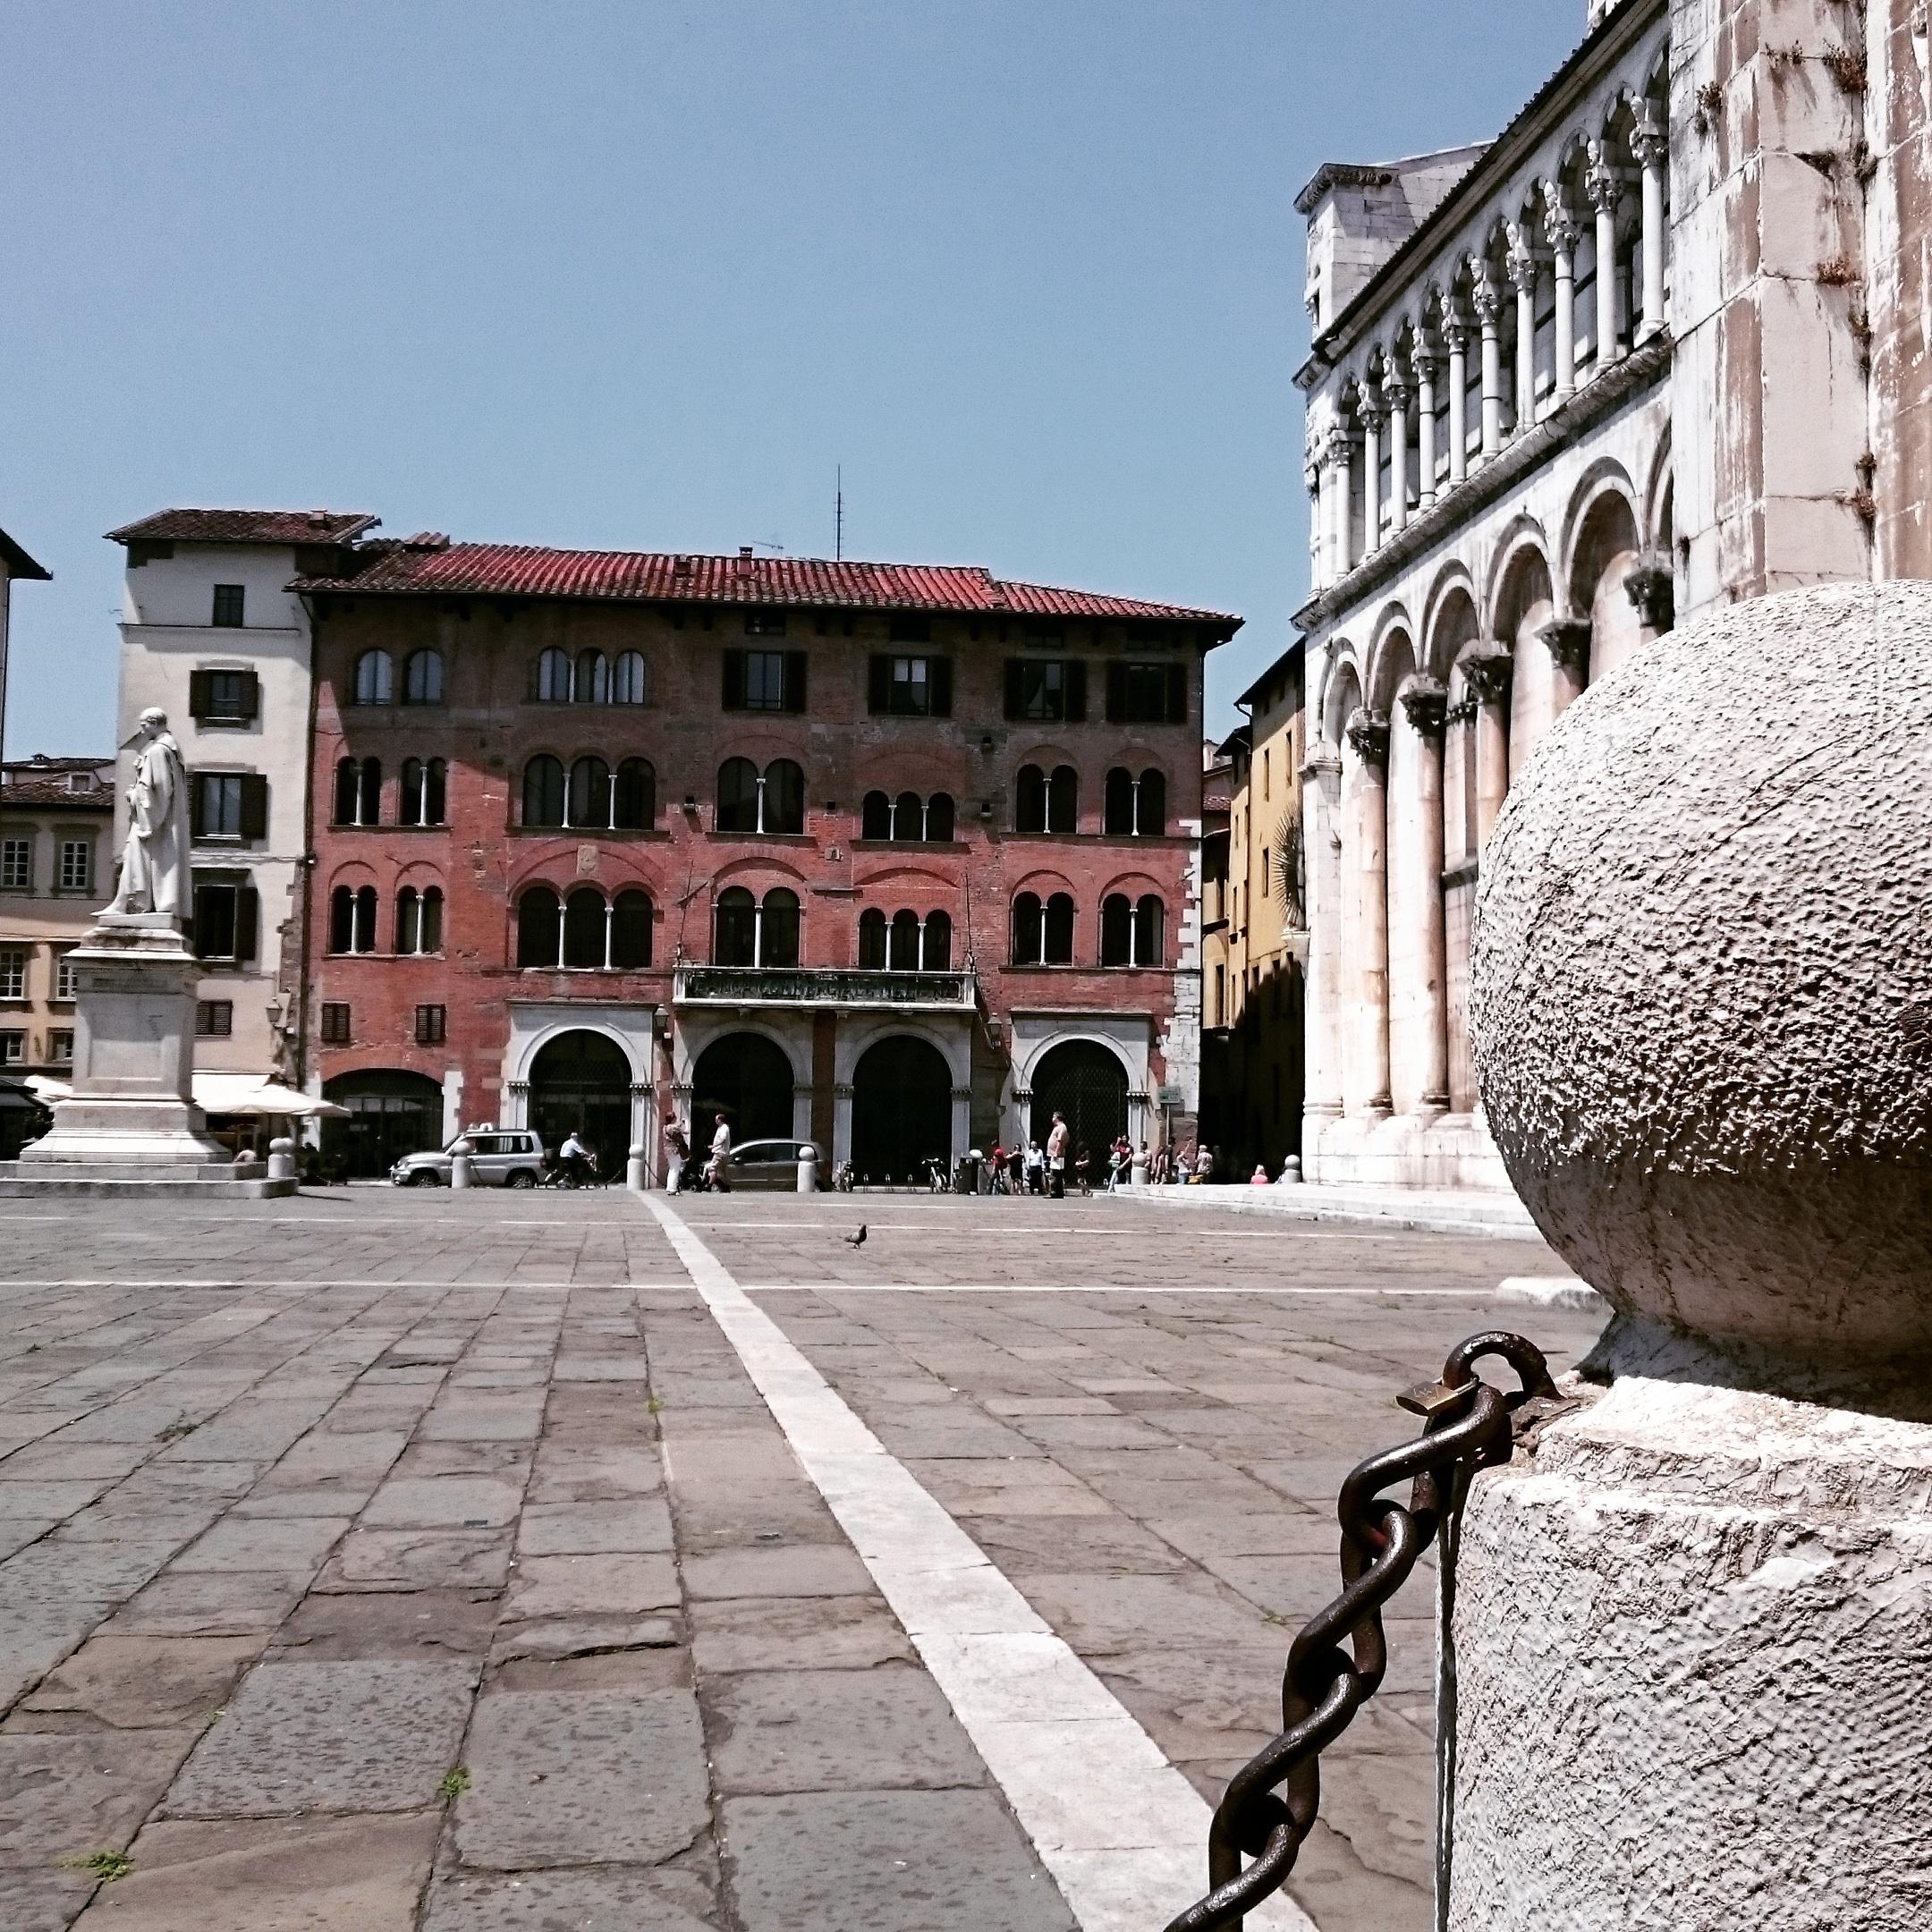 Das ist einer der Hauptplätze der Stadt, der Piazza Michele